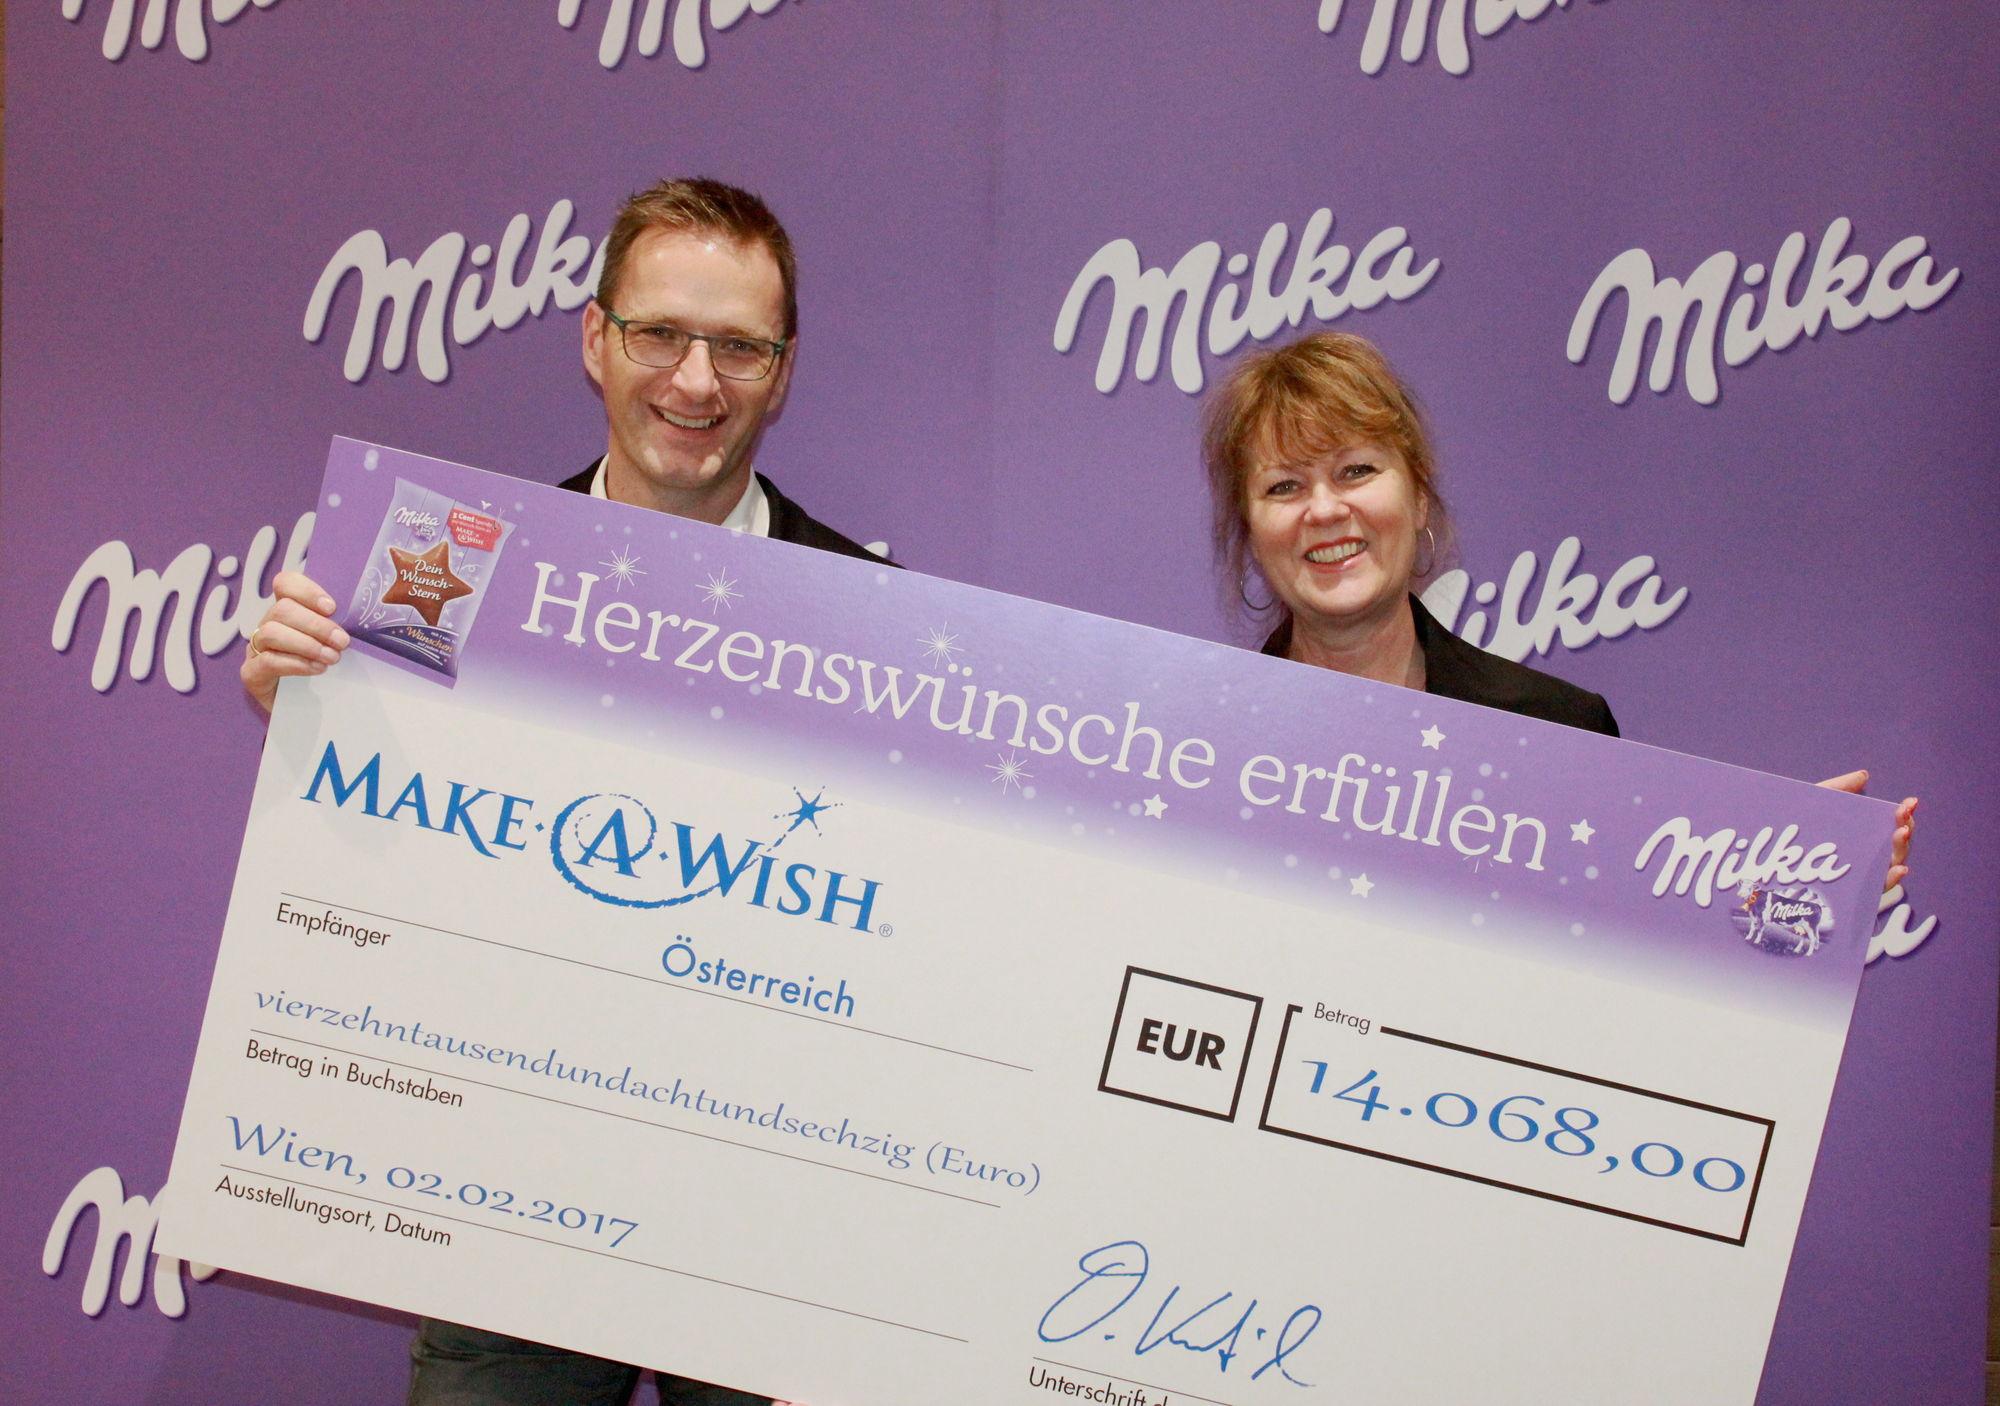 Milka spendet 14.068€